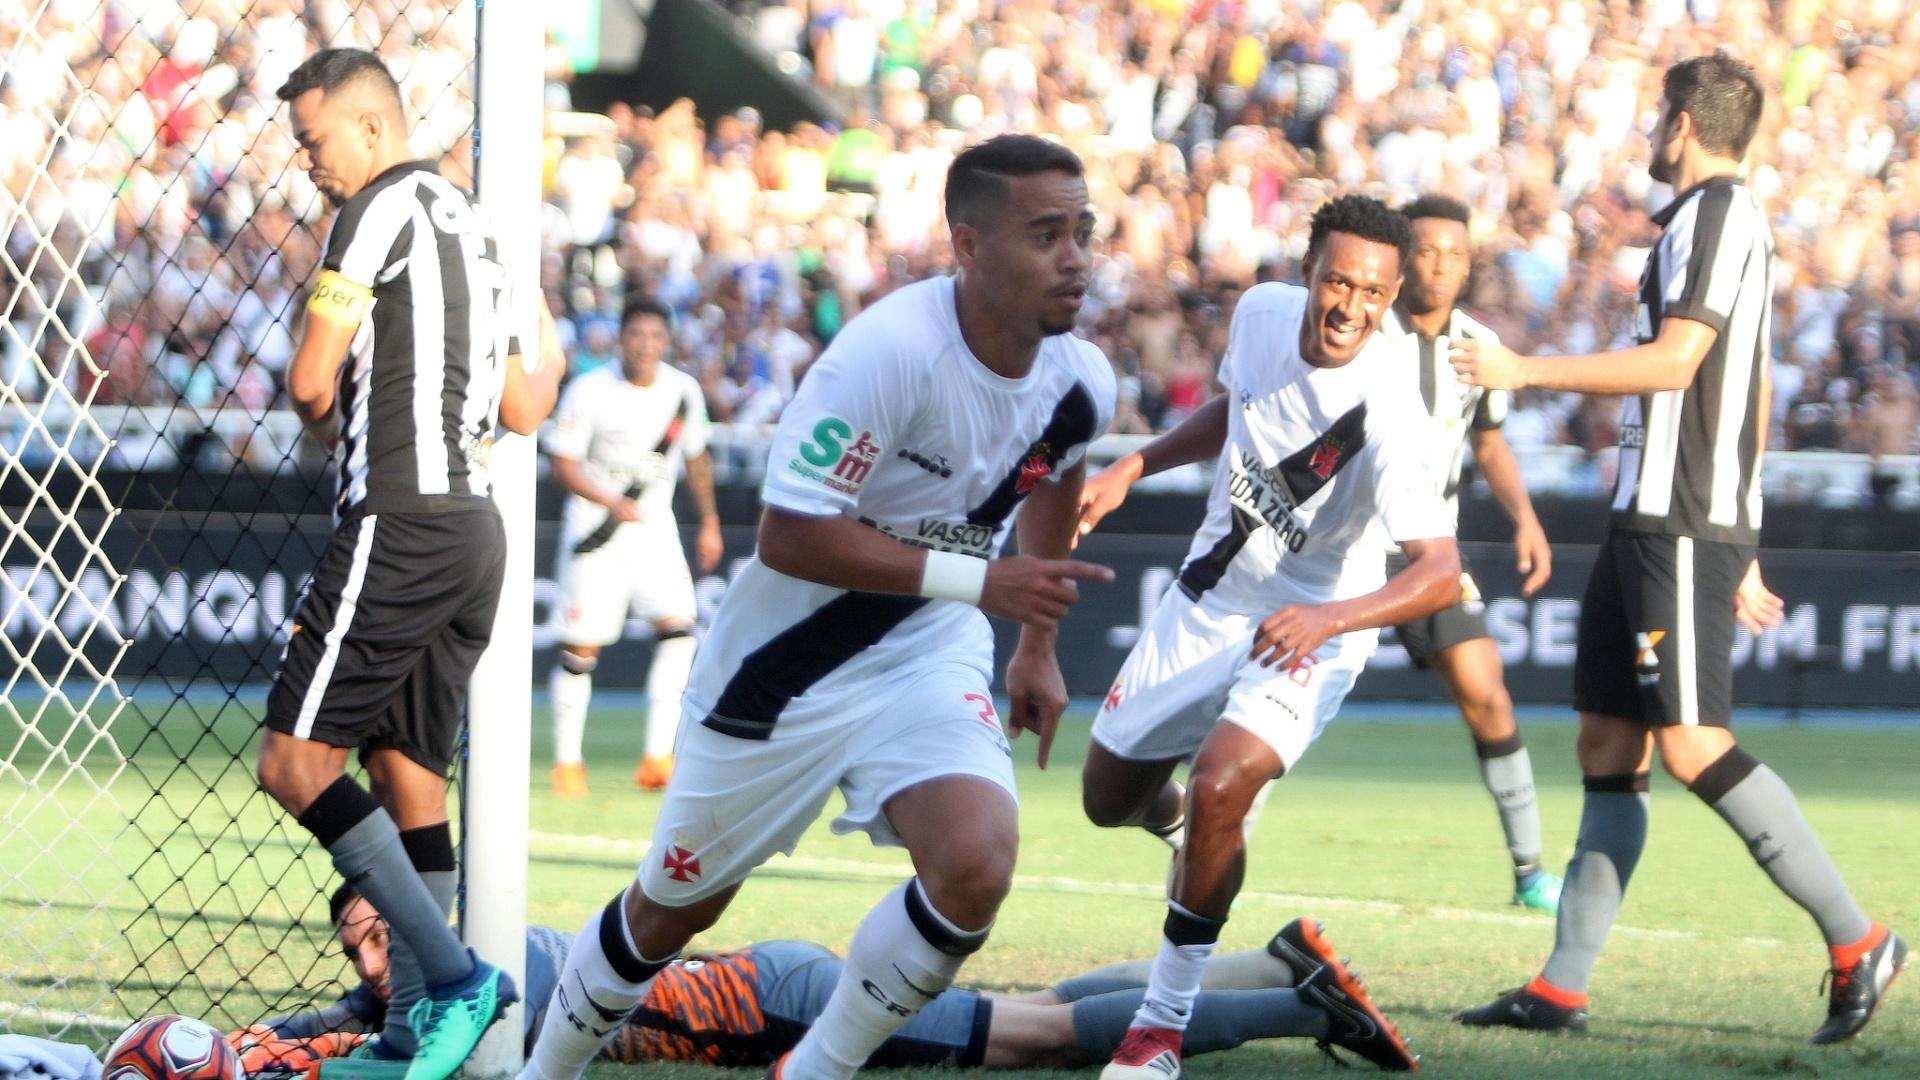 Yago Pikachu comemora gol do Vasco contra o Botafogo pelo Campeonato Carioca